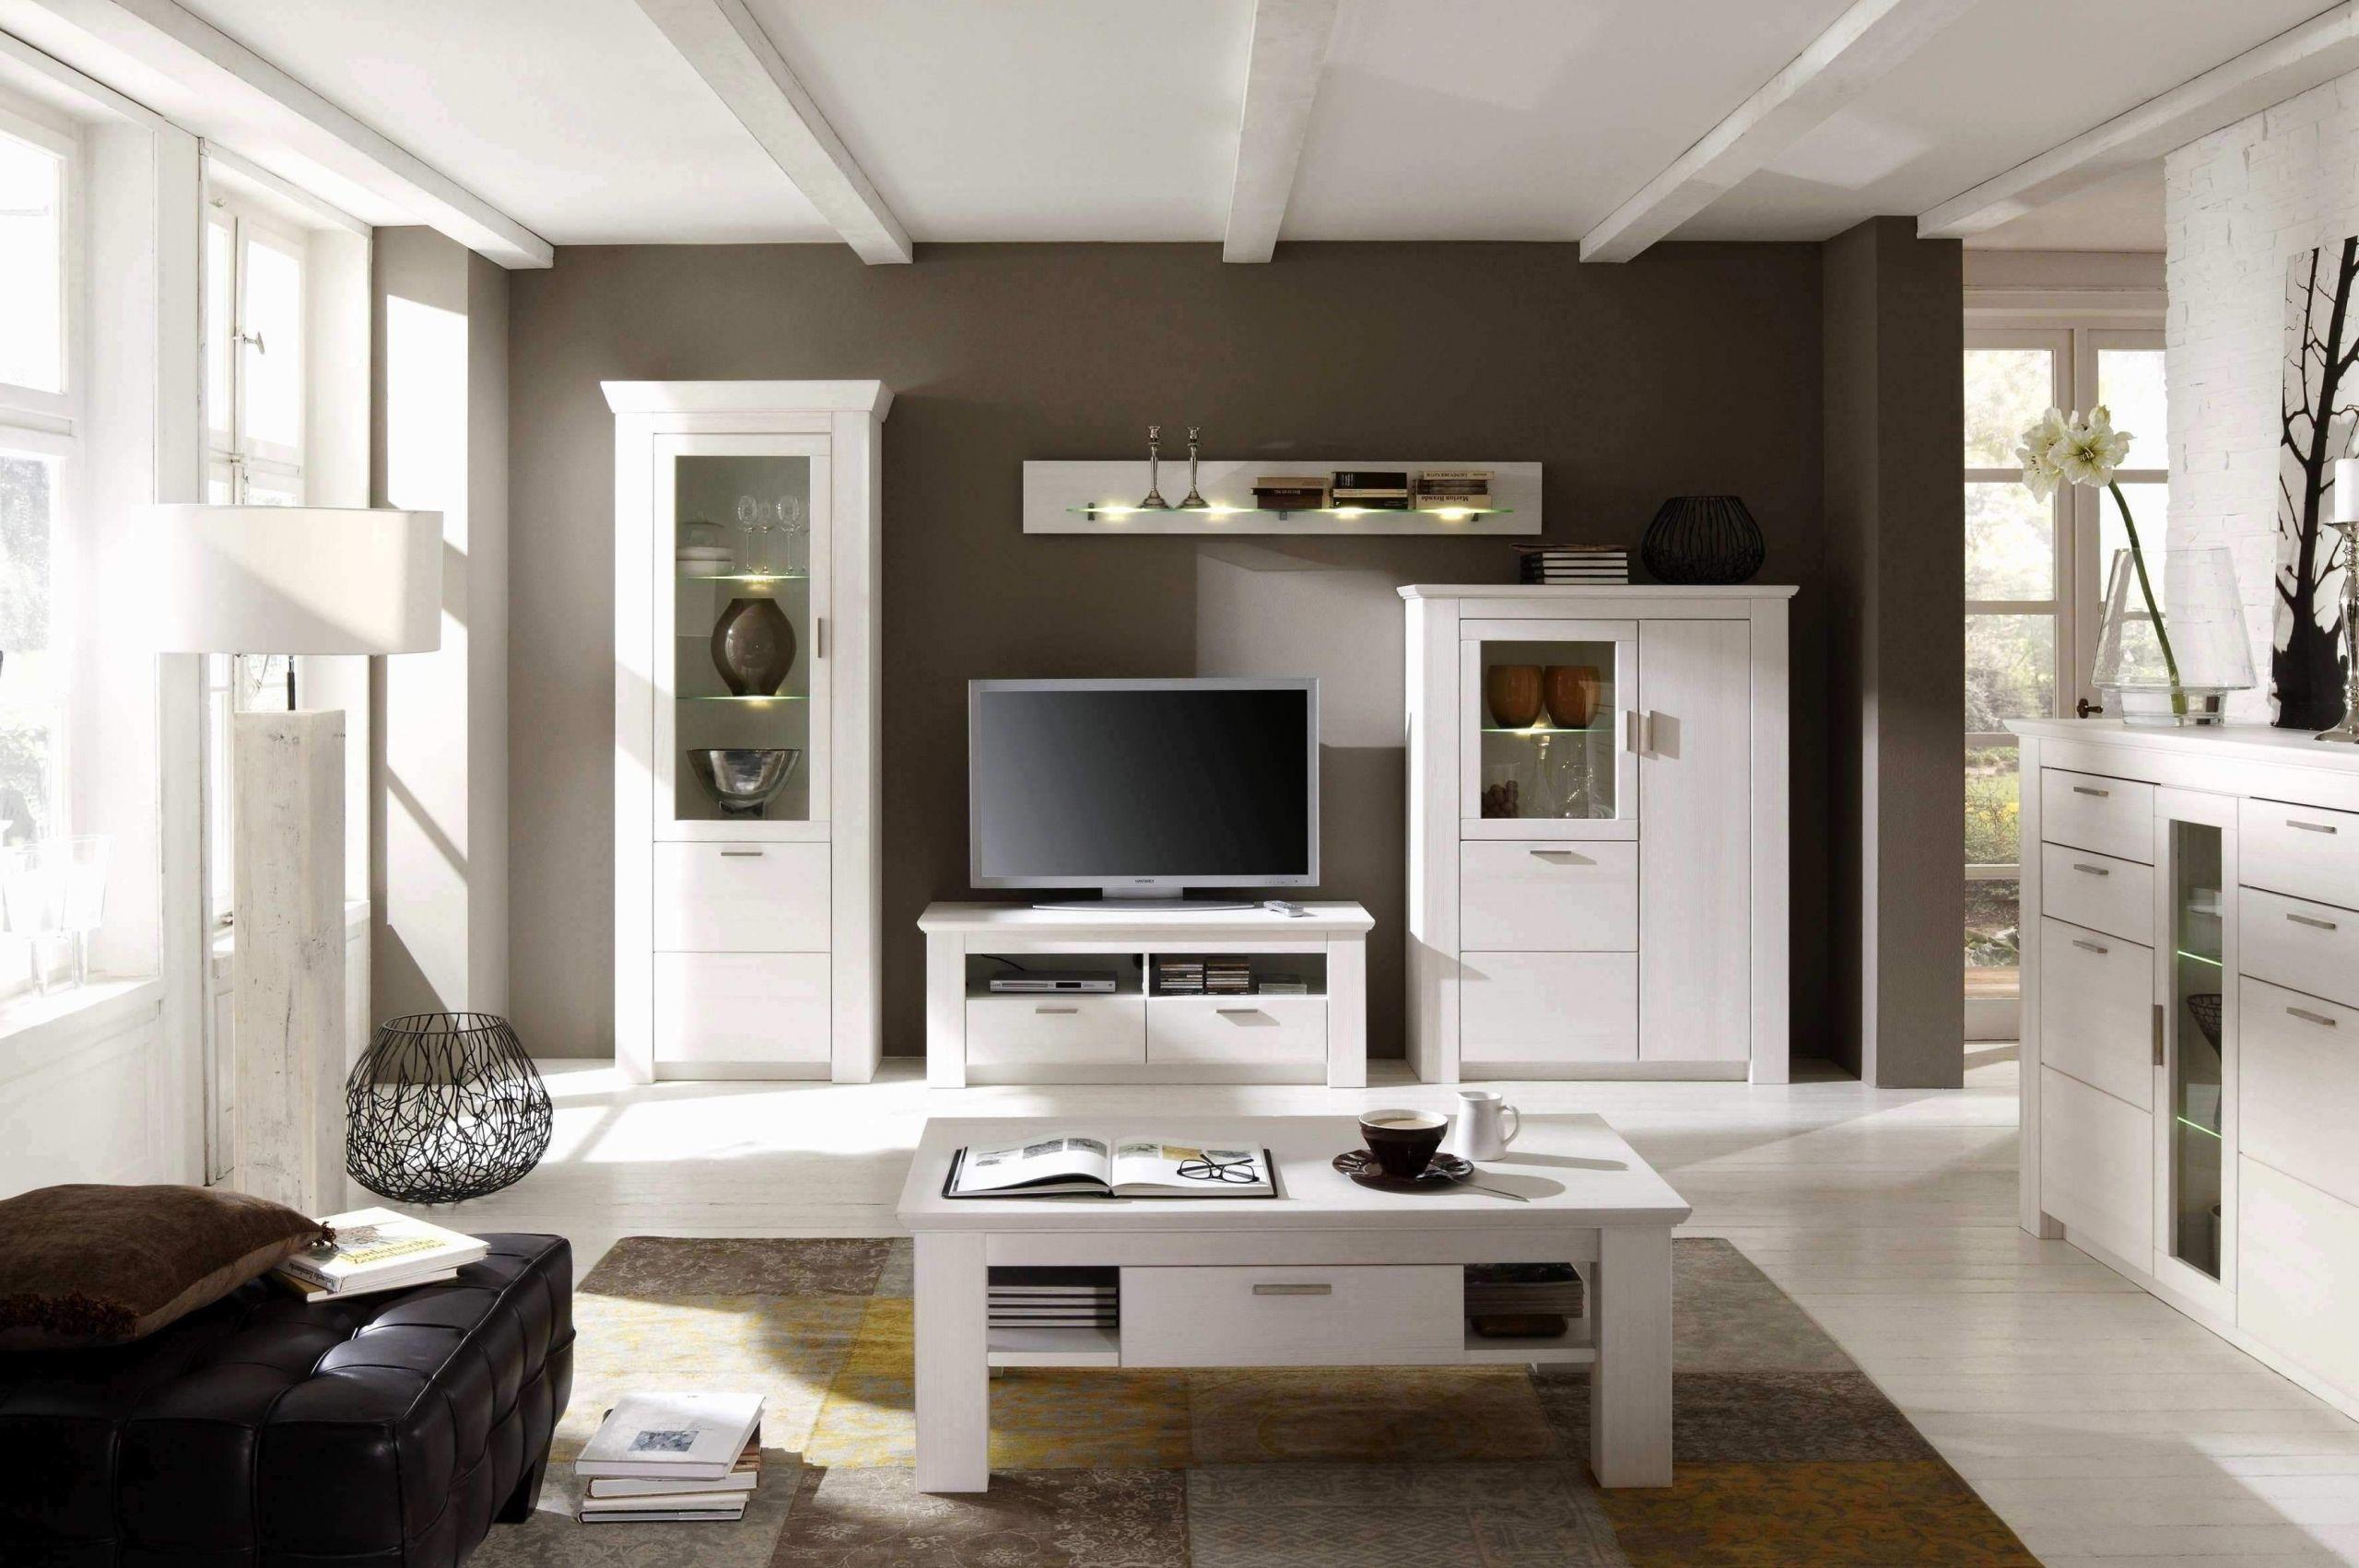 wohnzimmer design ideen das beste von 50 beste von wohnzimmer regale design planen of wohnzimmer design ideen scaled